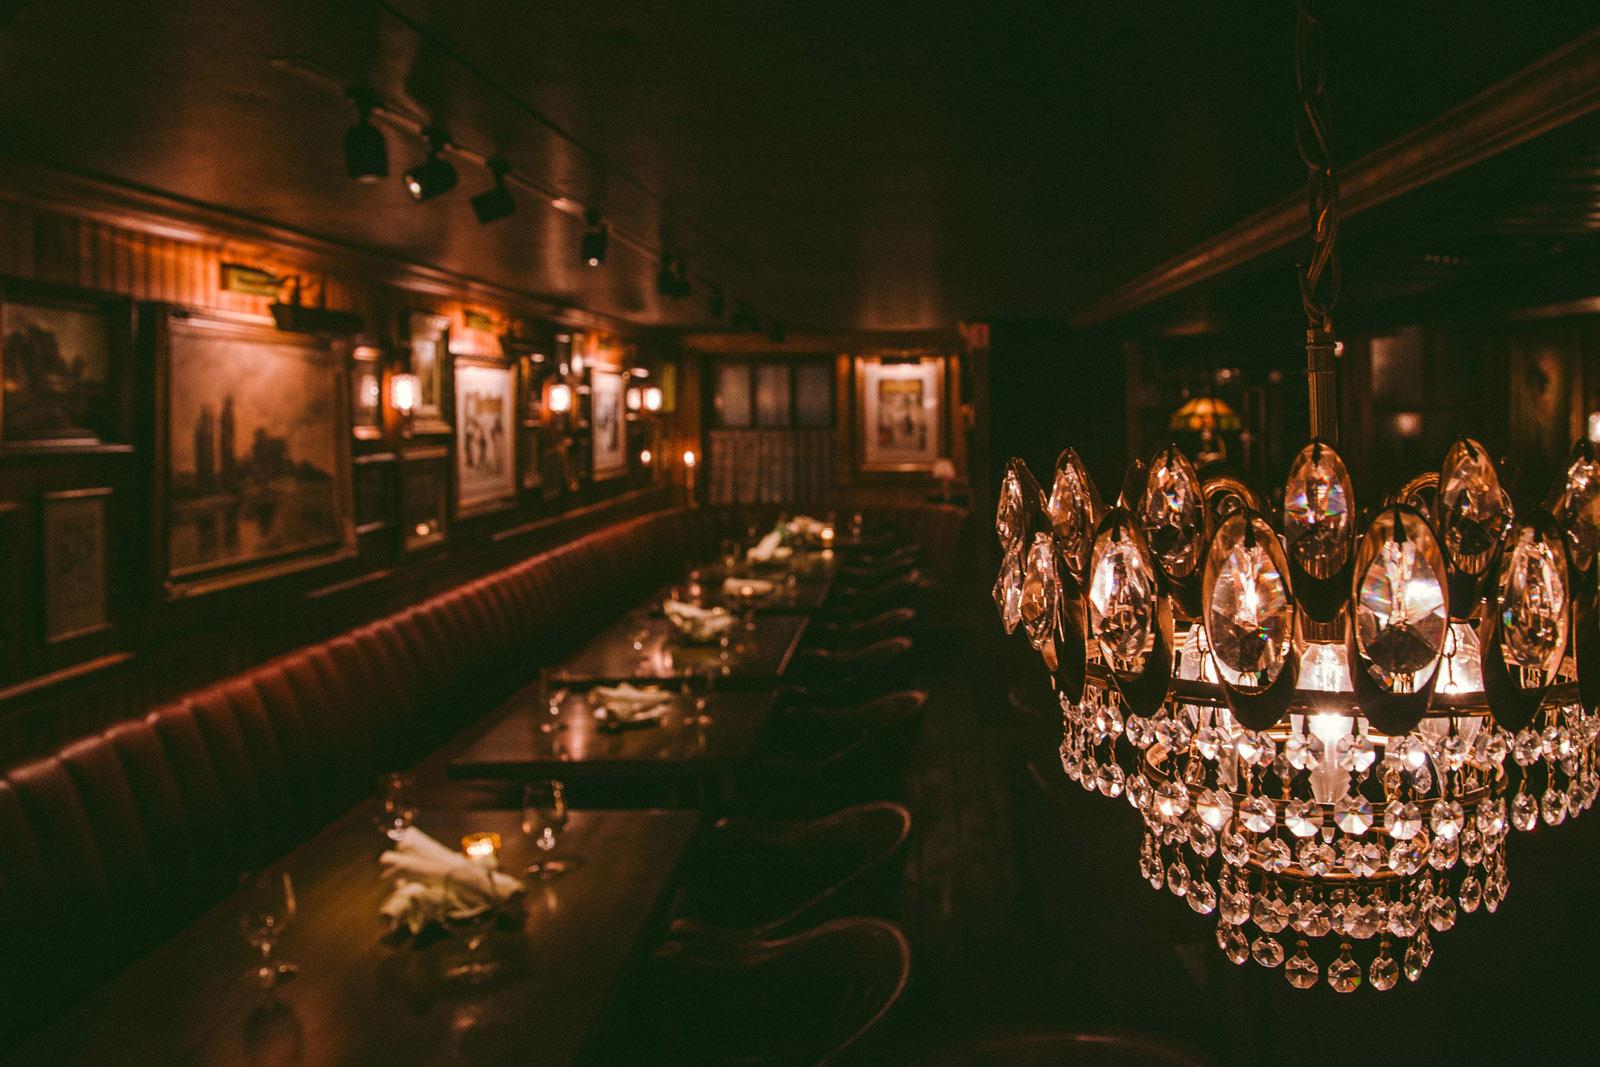 4 Charles Prime Rib Burger in NY